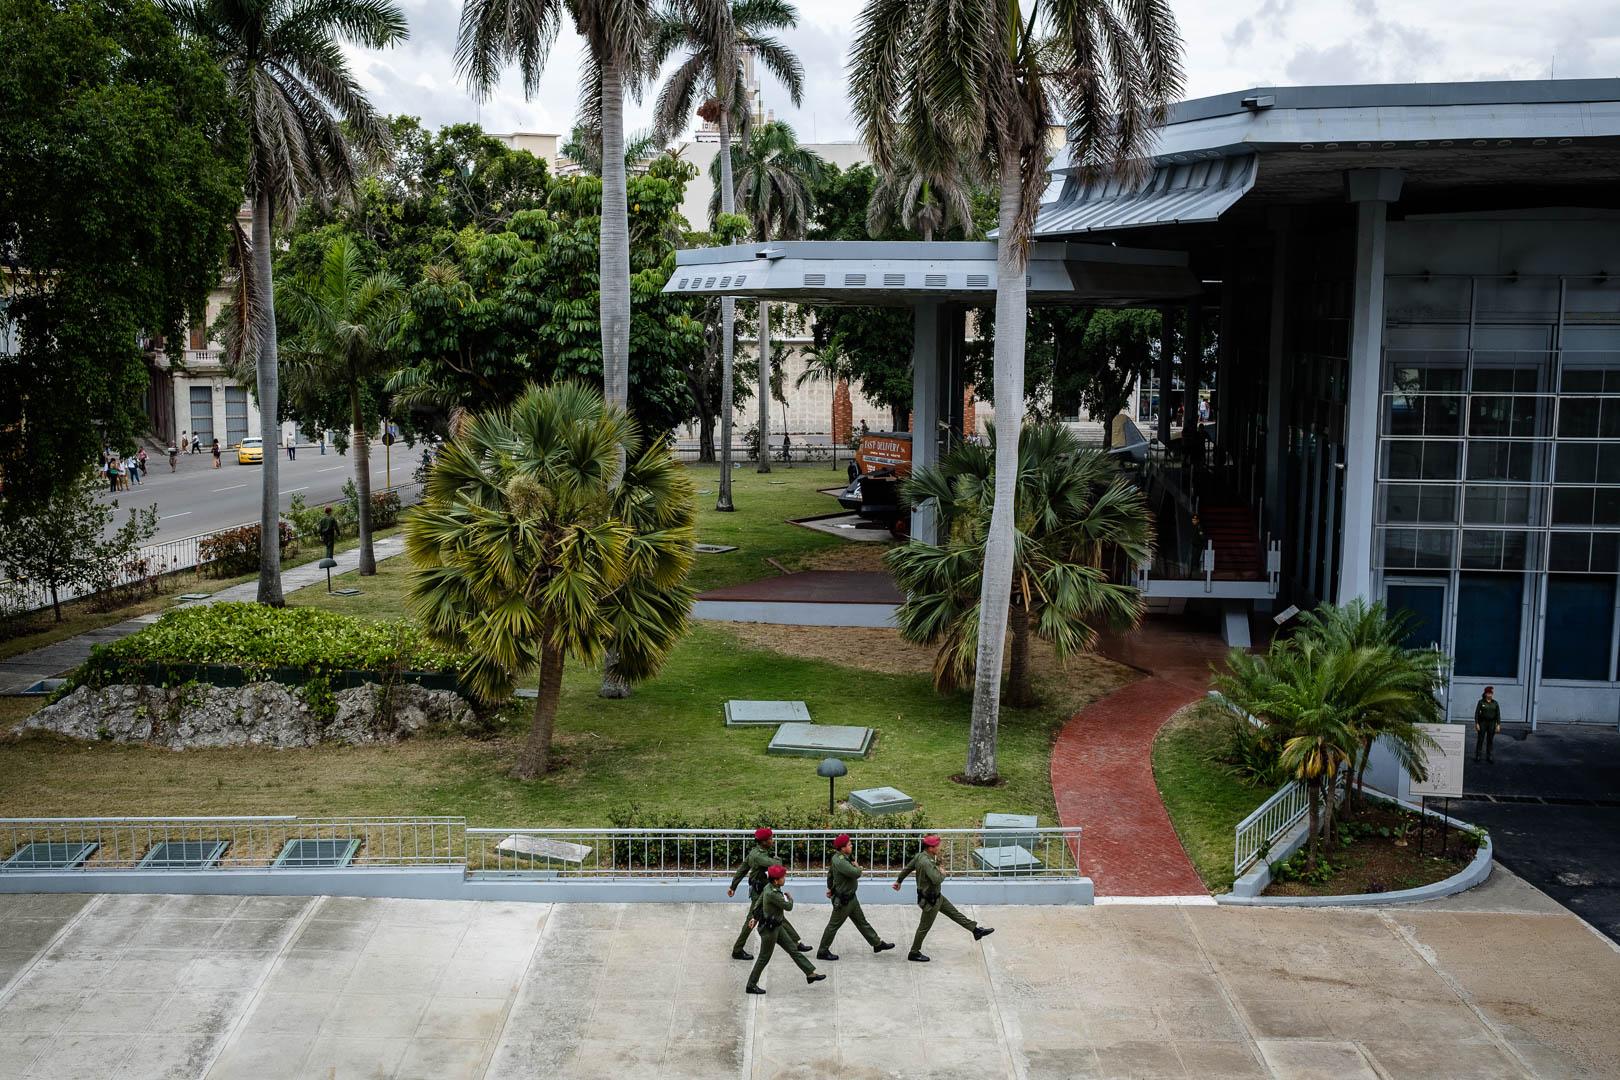 180427-Havana-208-1080.jpg